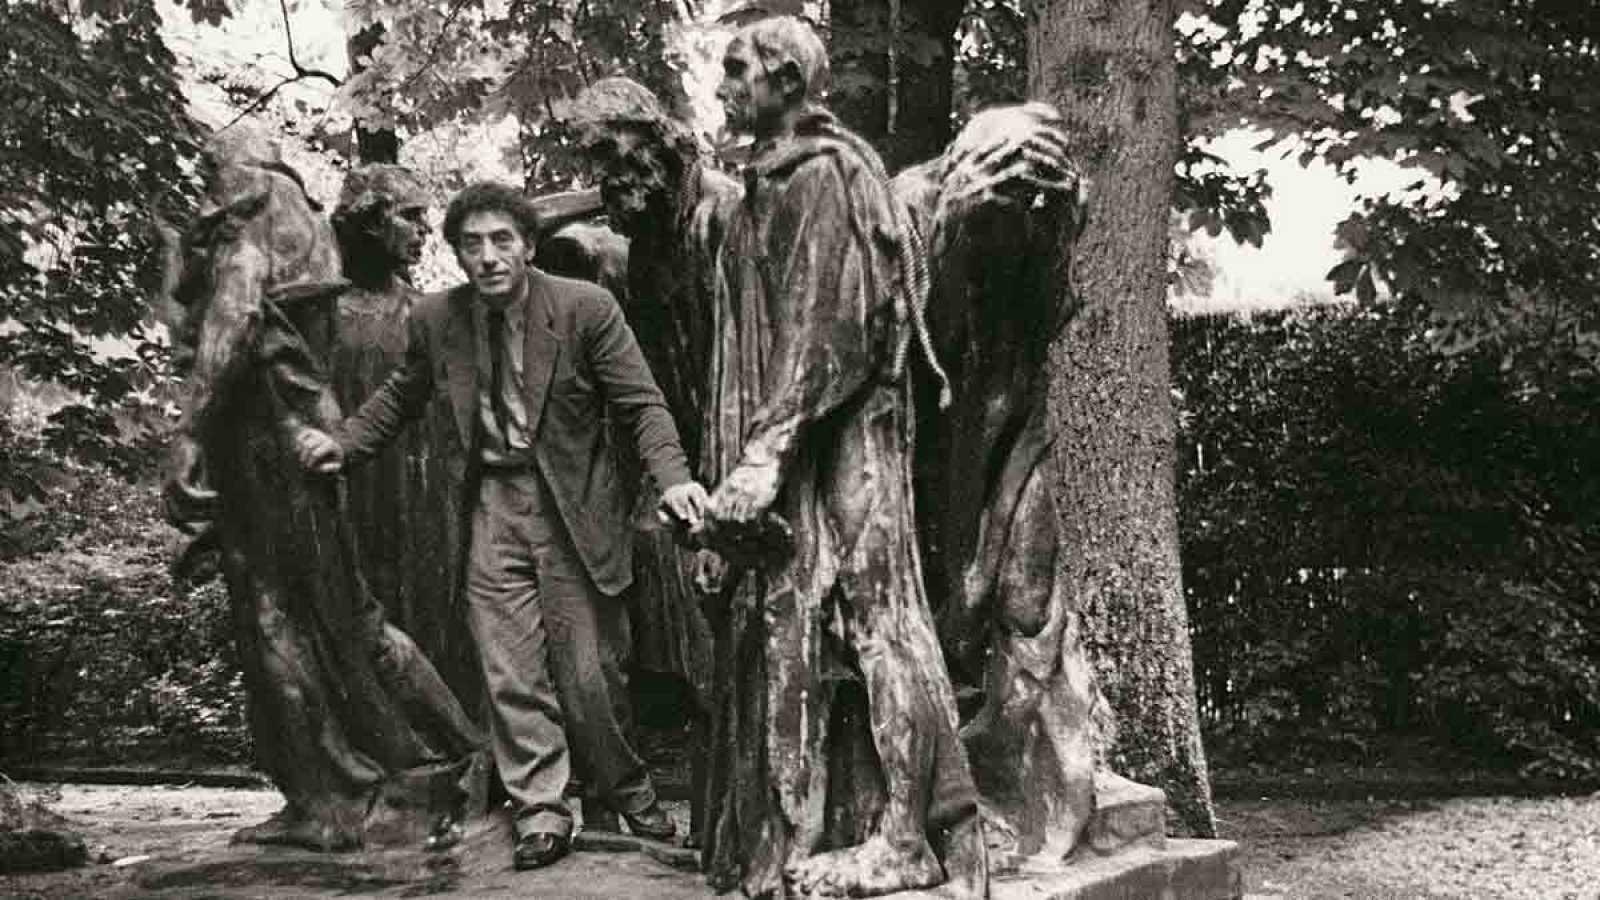 Rodin y Giacometti. Dos genios de la escultura sin aparentemente nada en común, pero tan semejantes en sus técnicas que a través de un ejemplo máximo de gran arte salta a la vista la coincidencia.¿Alberto Giacometti se inspiró en El hombre que camina